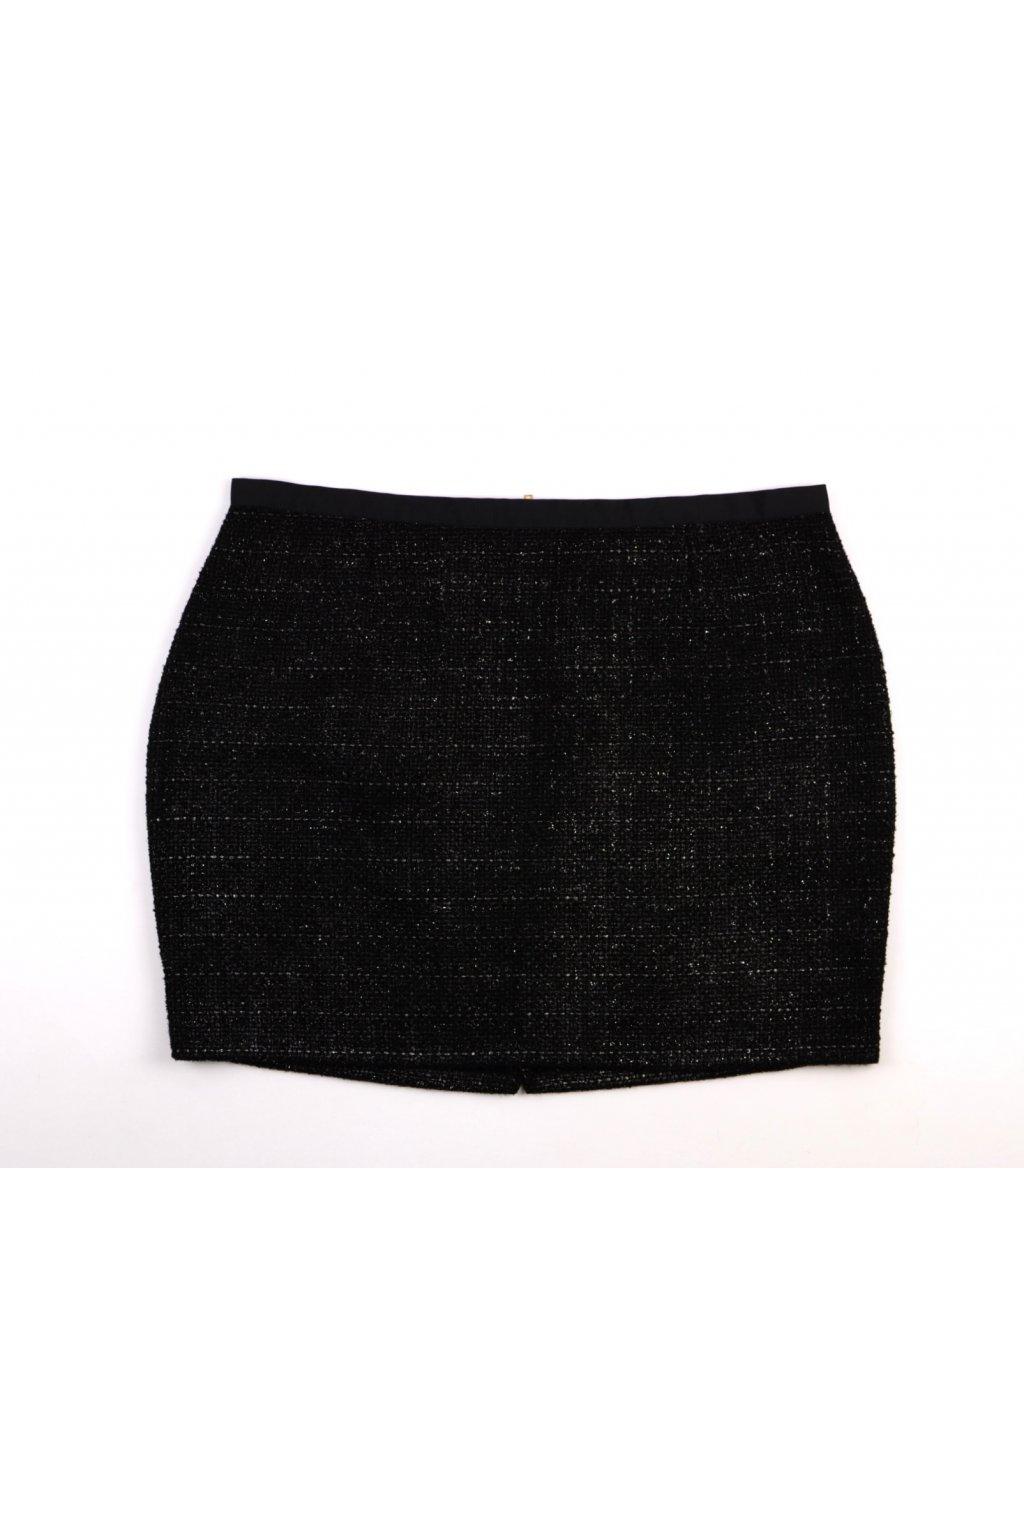 Sukně zimní George černá se stříbrnou nití vel. 48 / uk 20 / XL